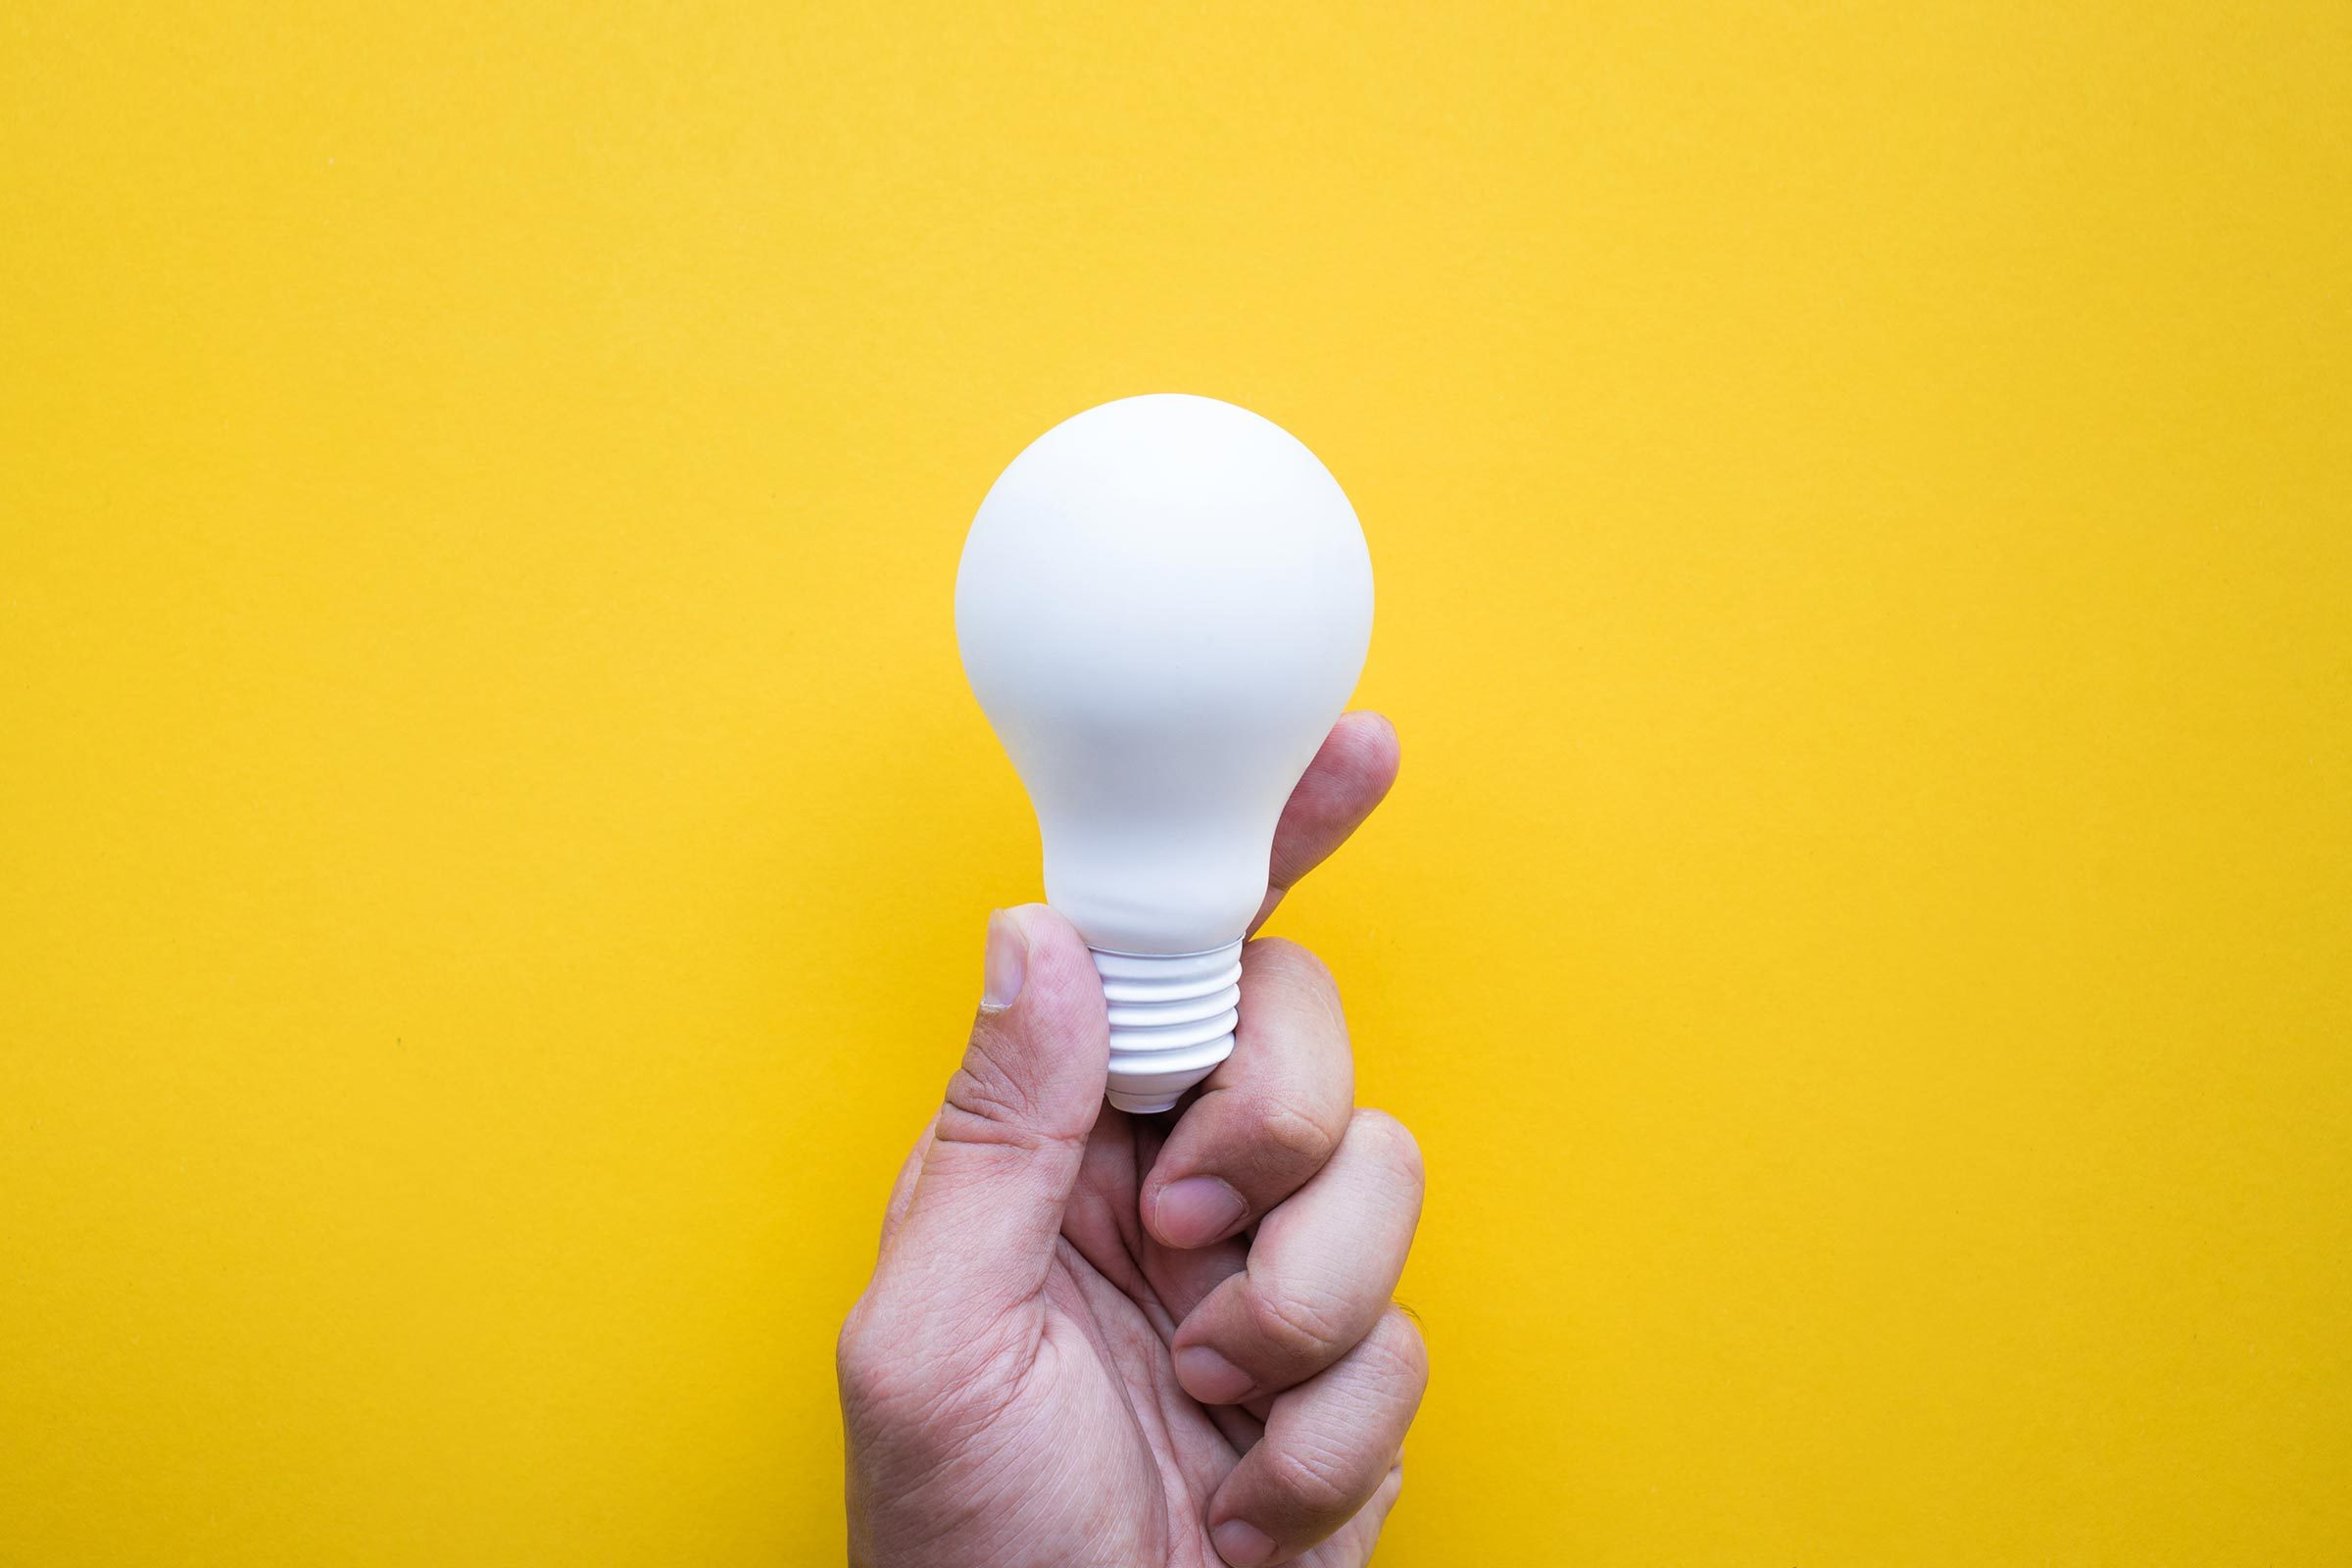 lightbulb memory